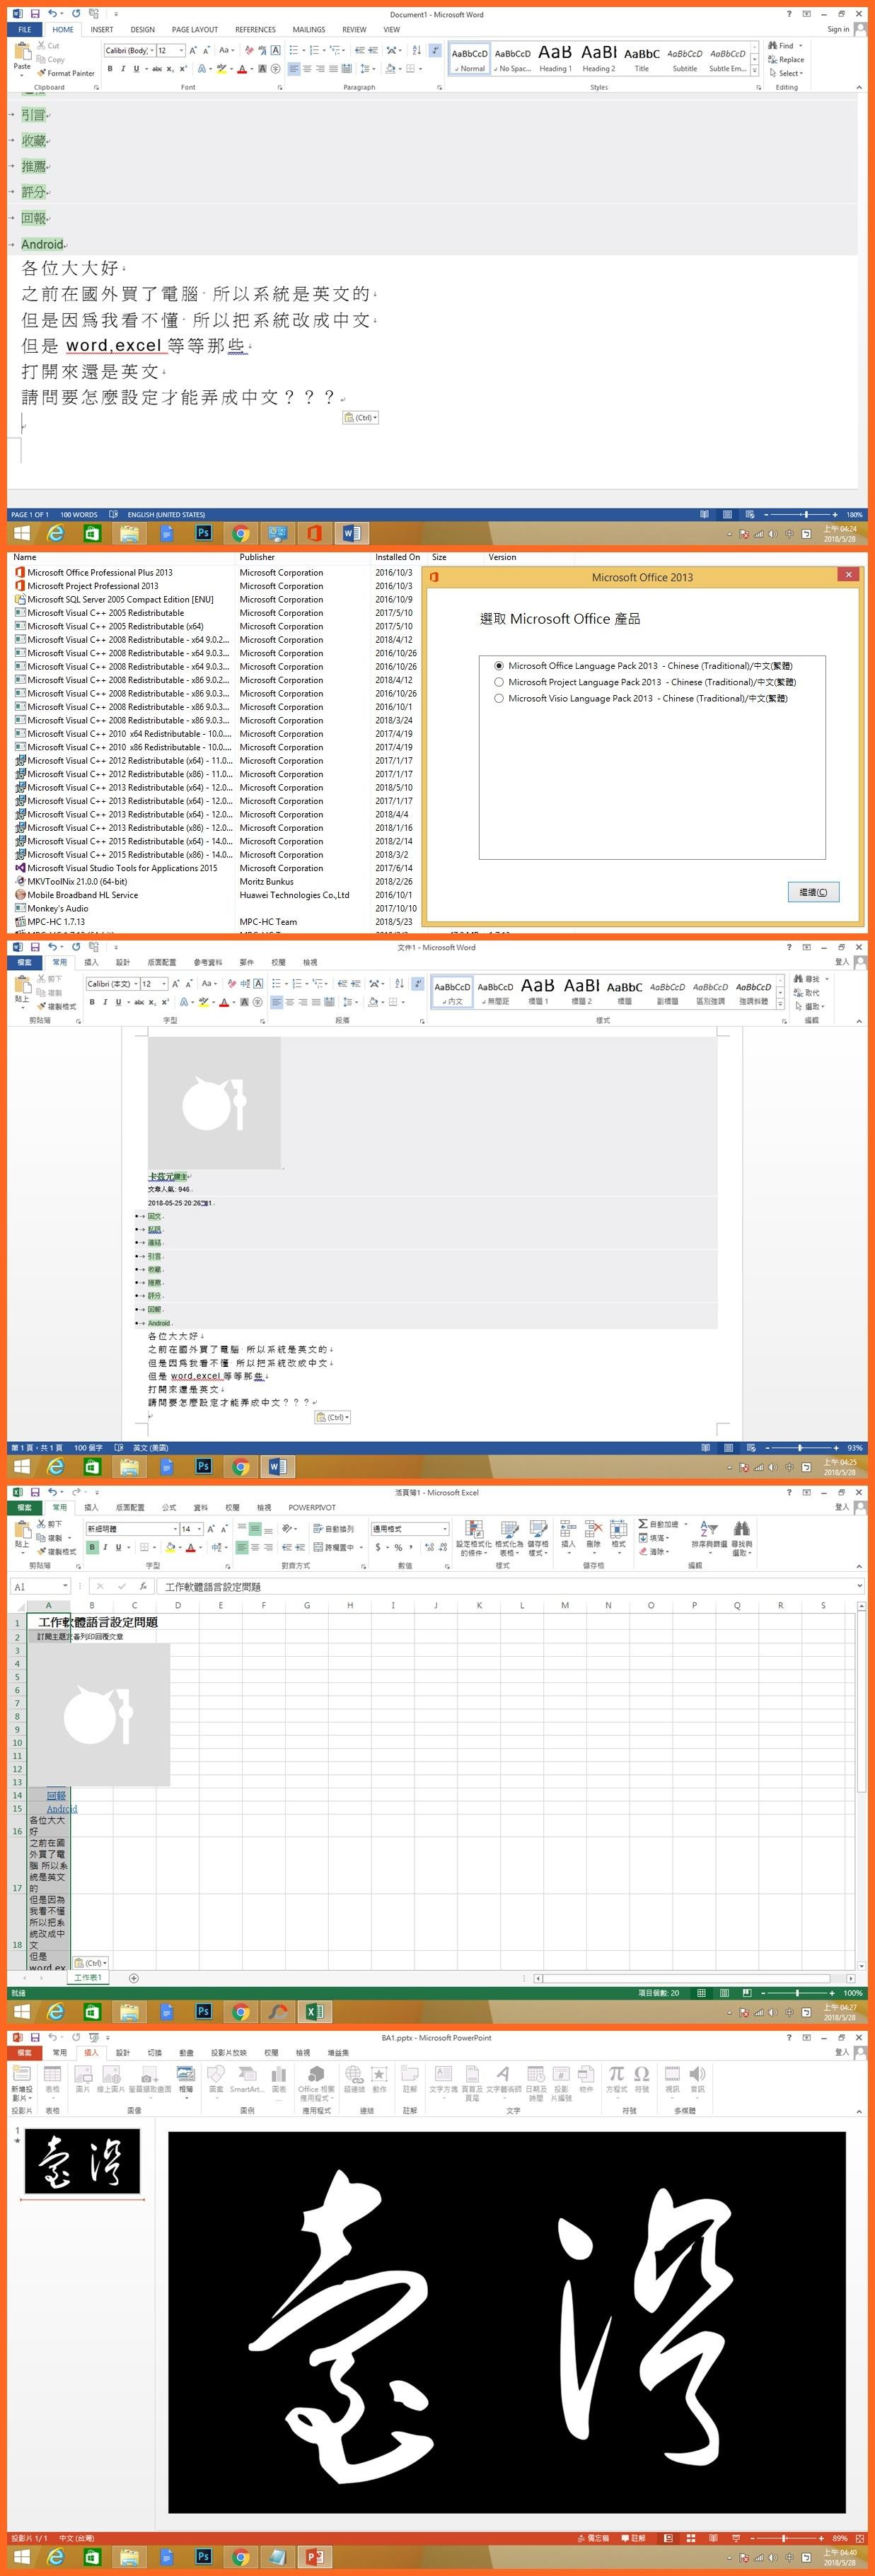 工作軟體語言設定問題 - Mobile01